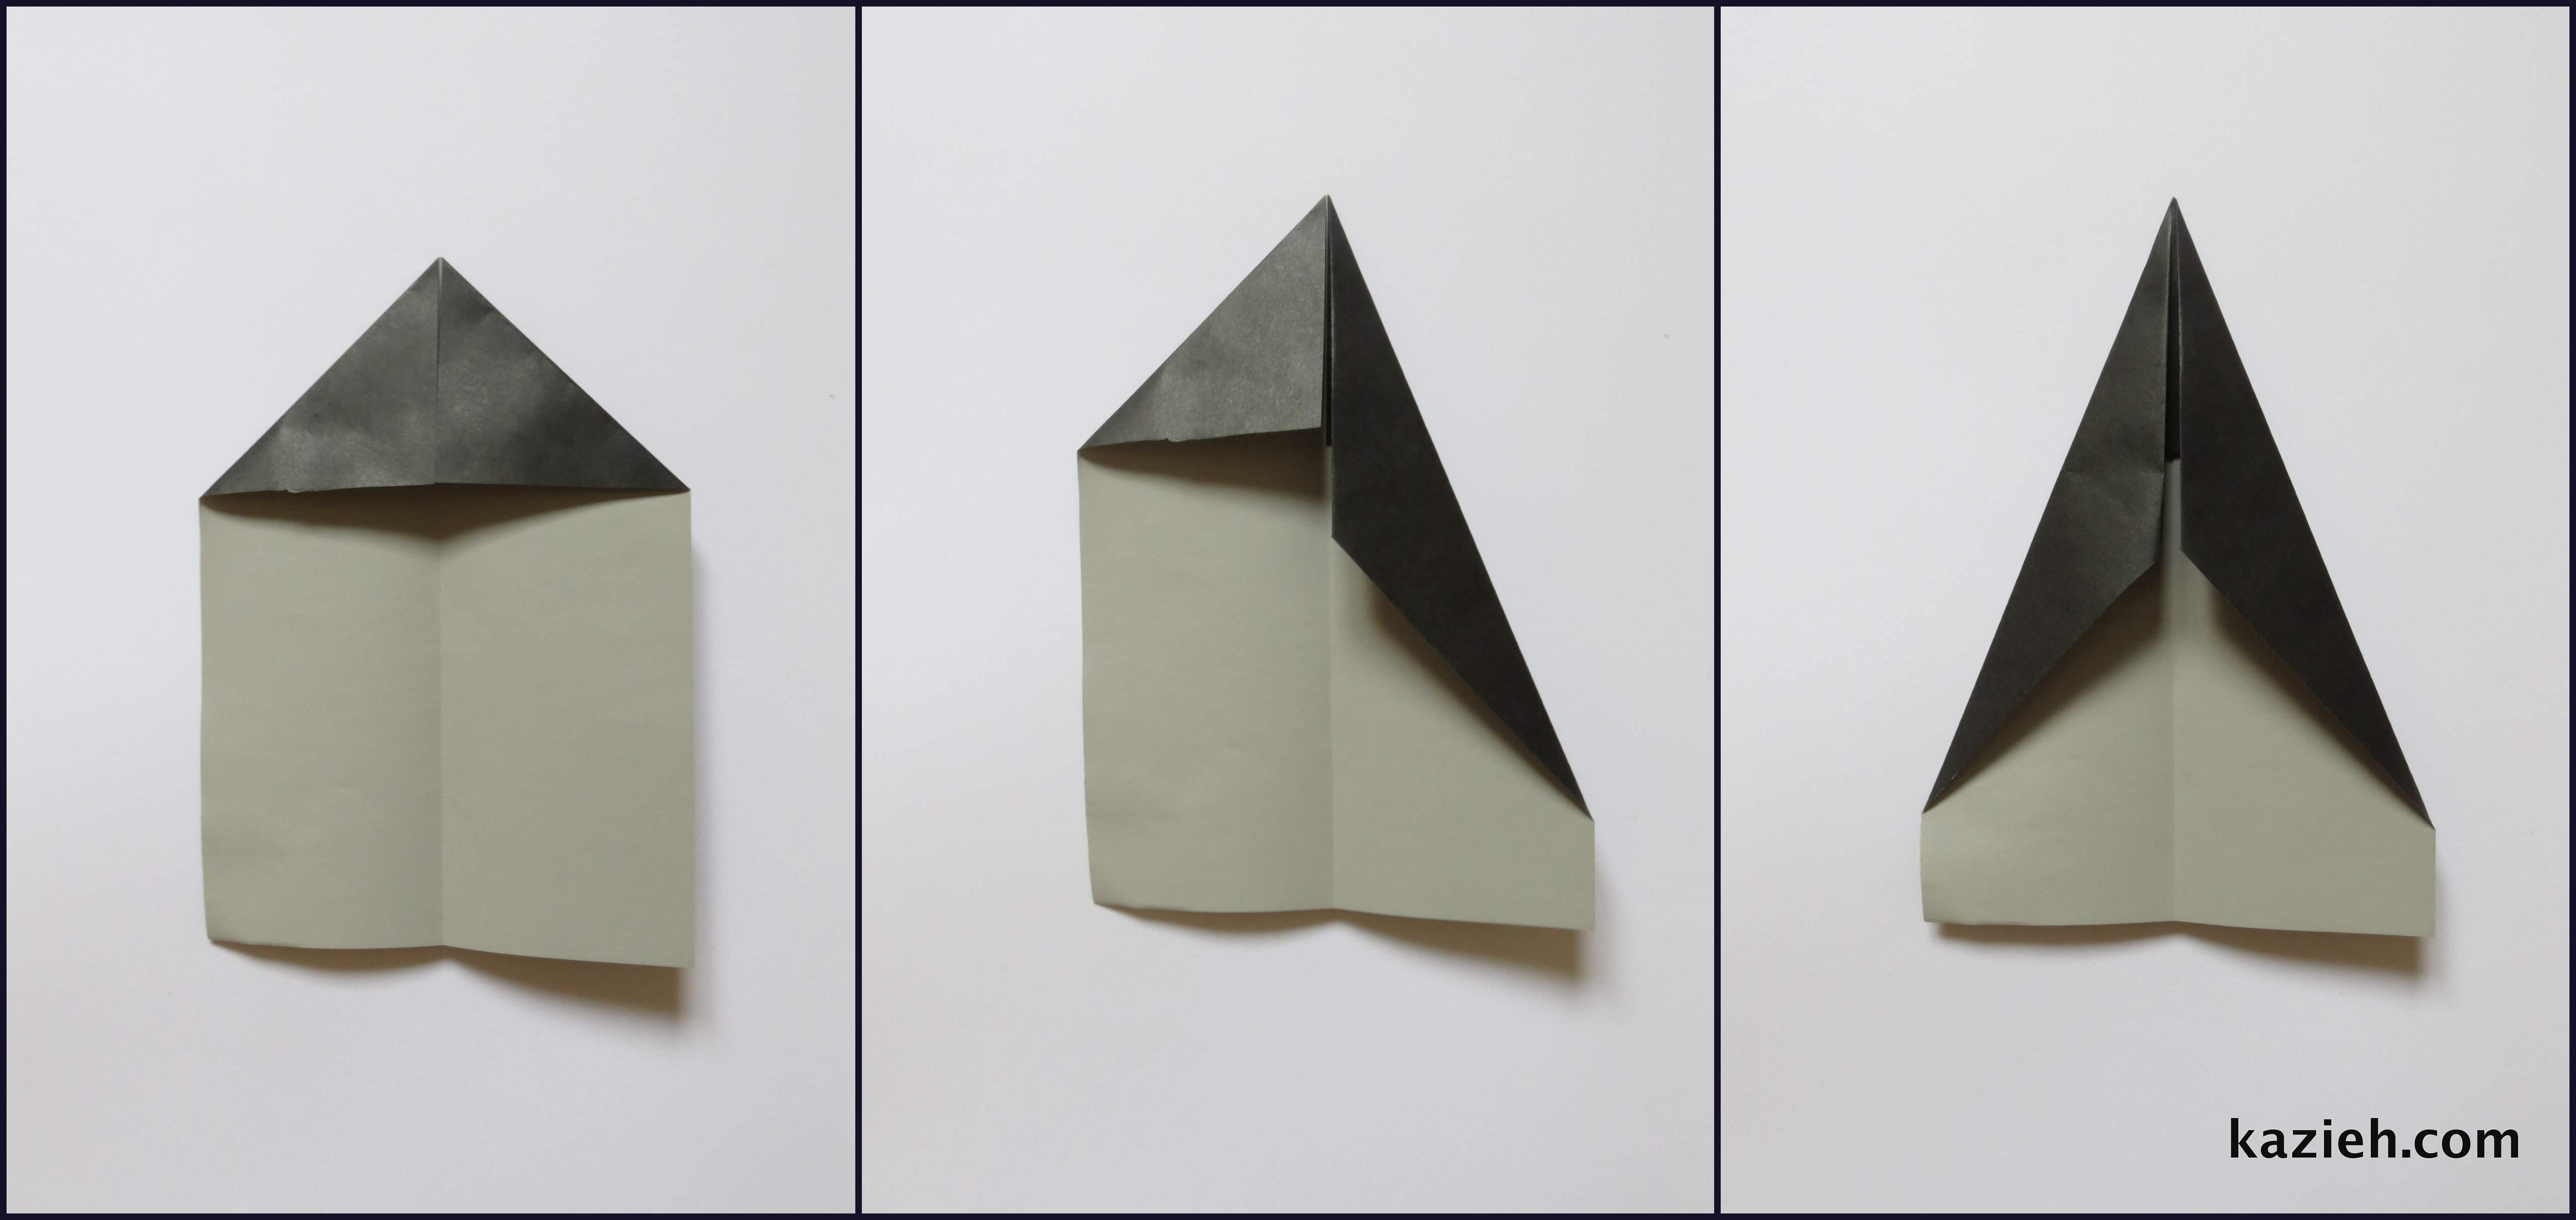 آموزش موشک کاغذی - مرحله دوم - کازیه